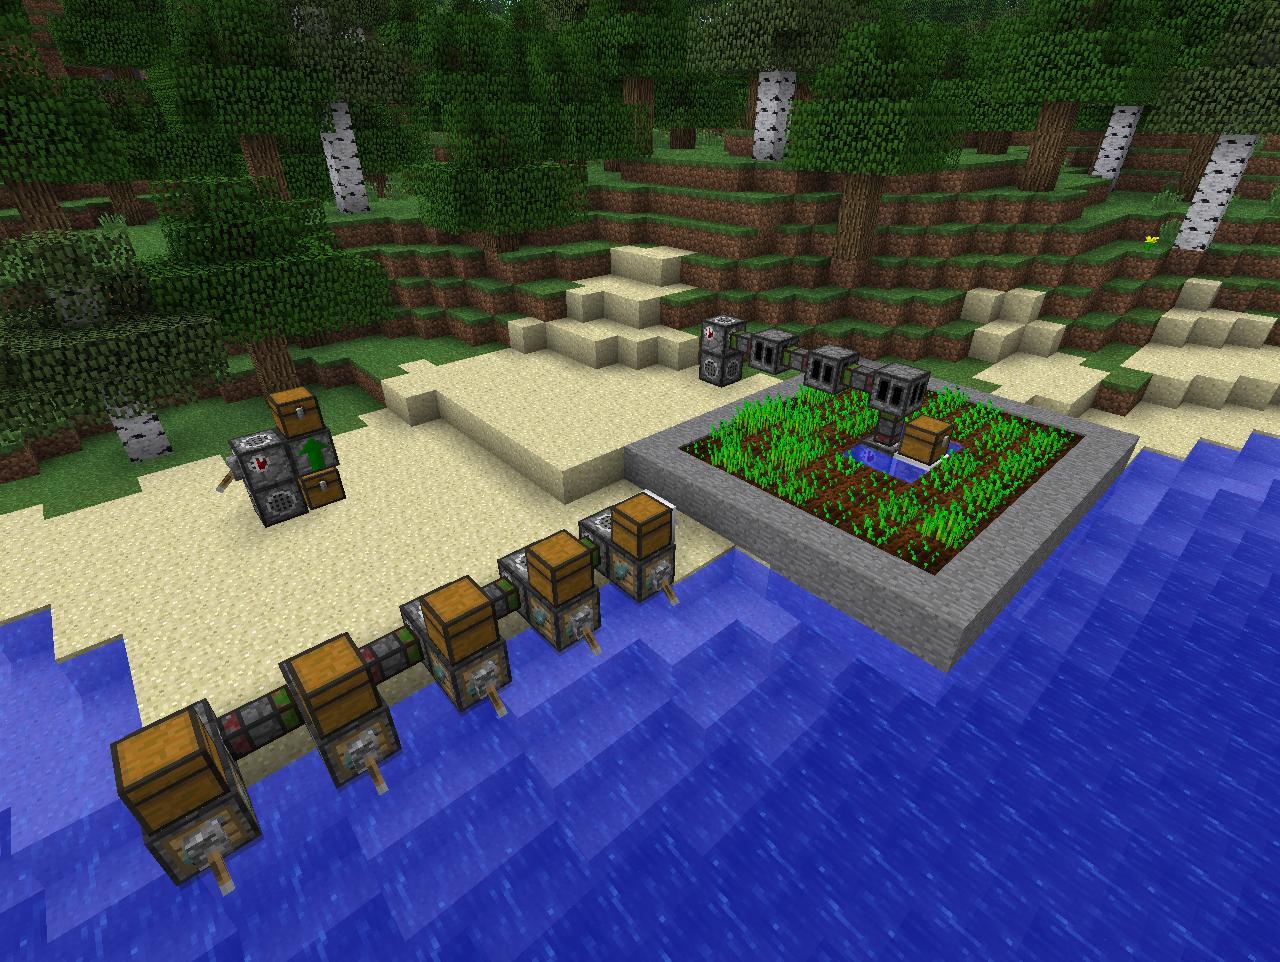 http://minecraft-forum.net/wp-content/uploads/2013/02/7fcfd__SteamWorks-Mod-1.jpg